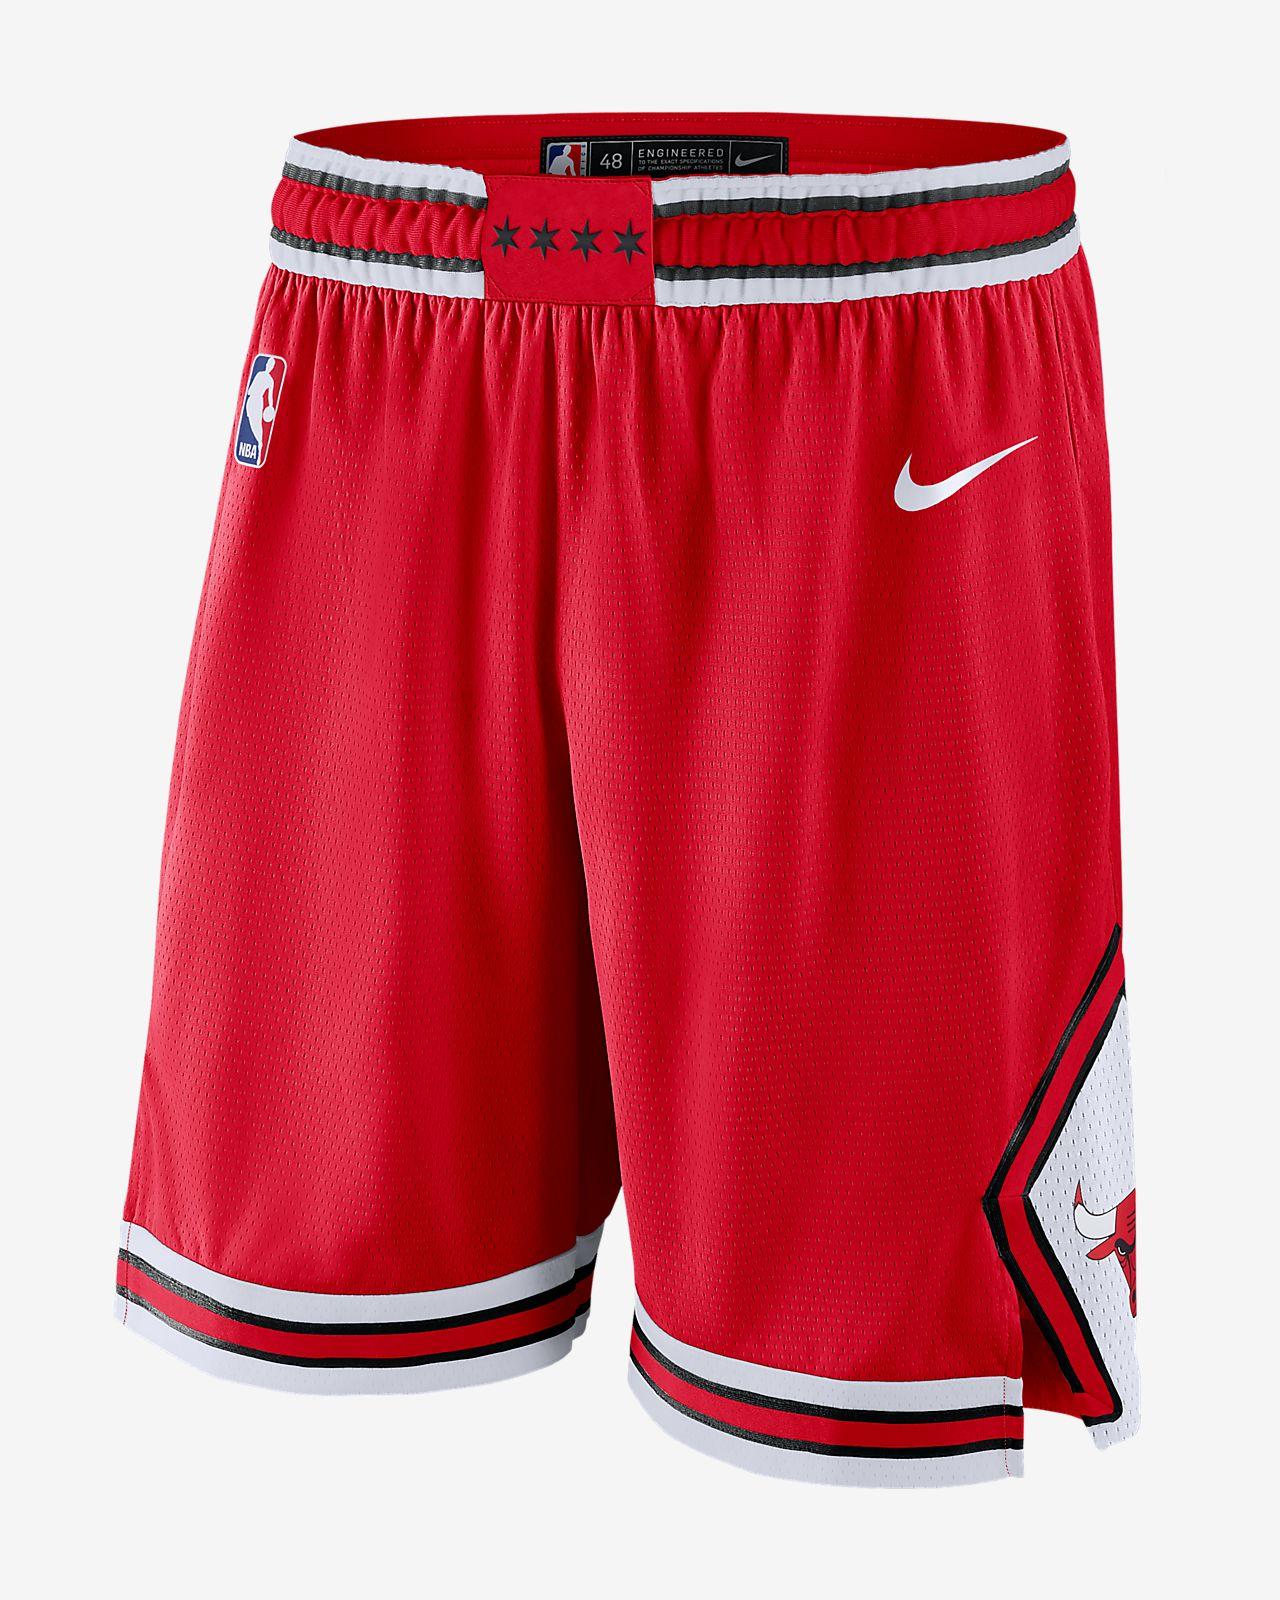 公牛官网_芝加哥公牛队 Icon Edition Swingman Nike 男子 NBA 短裤-耐克(Nike)中国官网